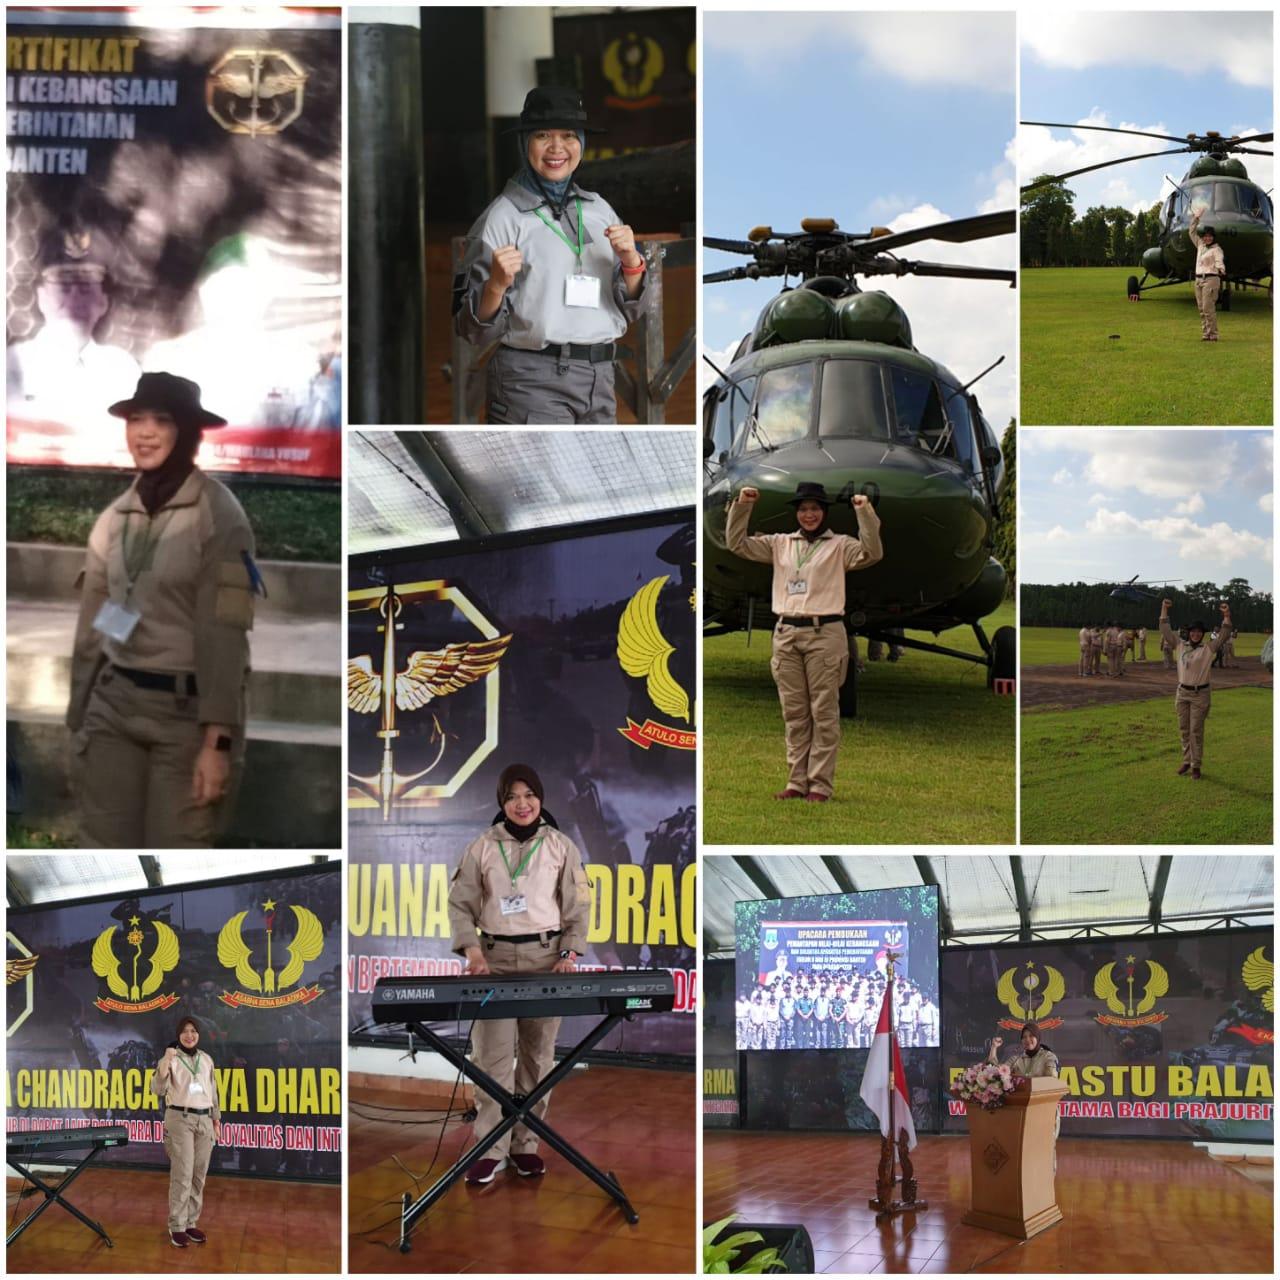 Latihan pemantapan nilai kebangsaan dan soliditas aparatur pemerintahan eselon 2 dan 3 Provinsi Banten yang berkarakter di Grup 1 Kopassus